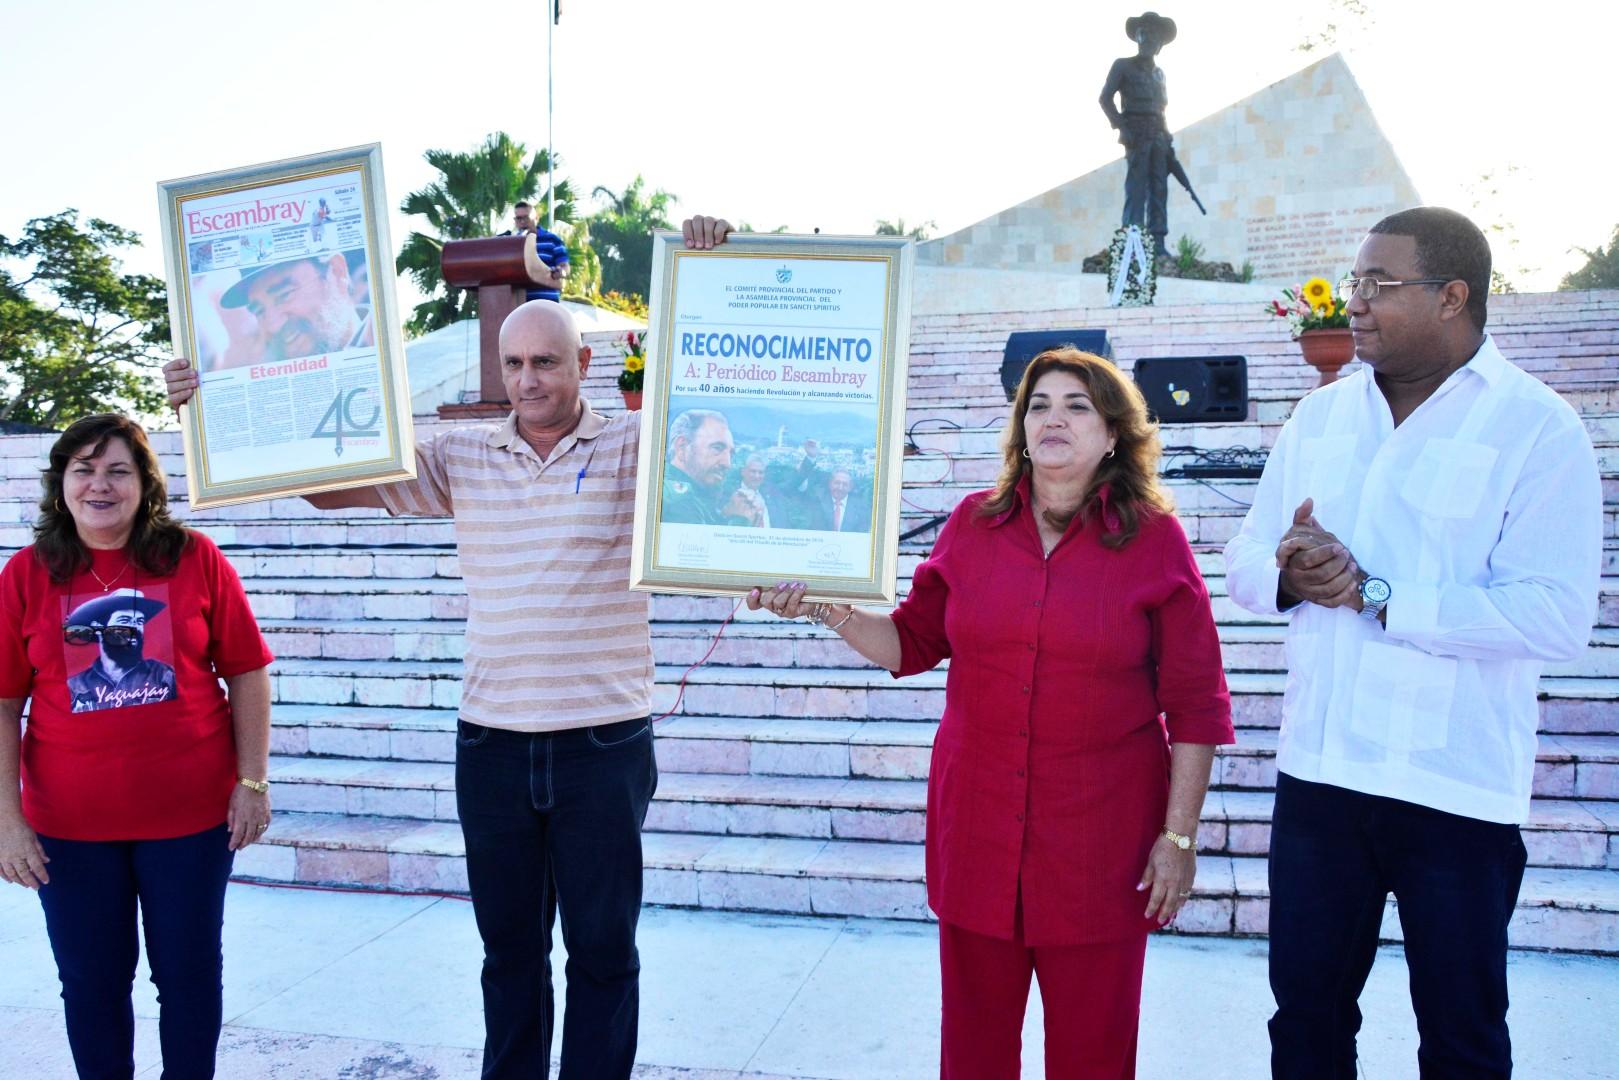 Yaguajay, Escambray, Revolución, triunfo, Sancti Spíritus